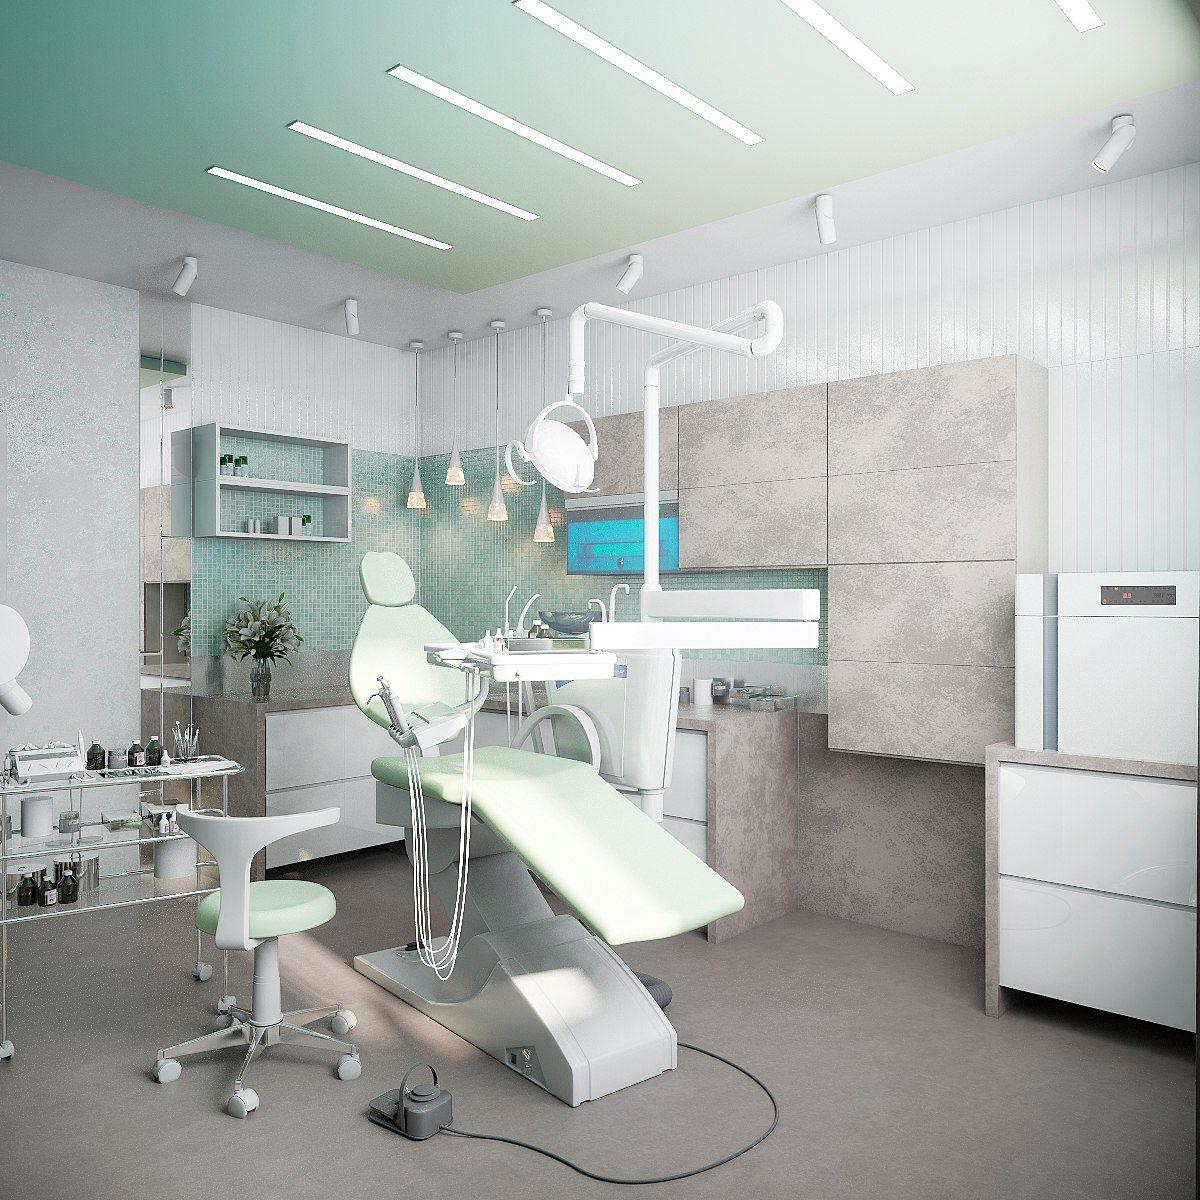 стоматологический кабинет фото дизайн подготовленного саженца груши